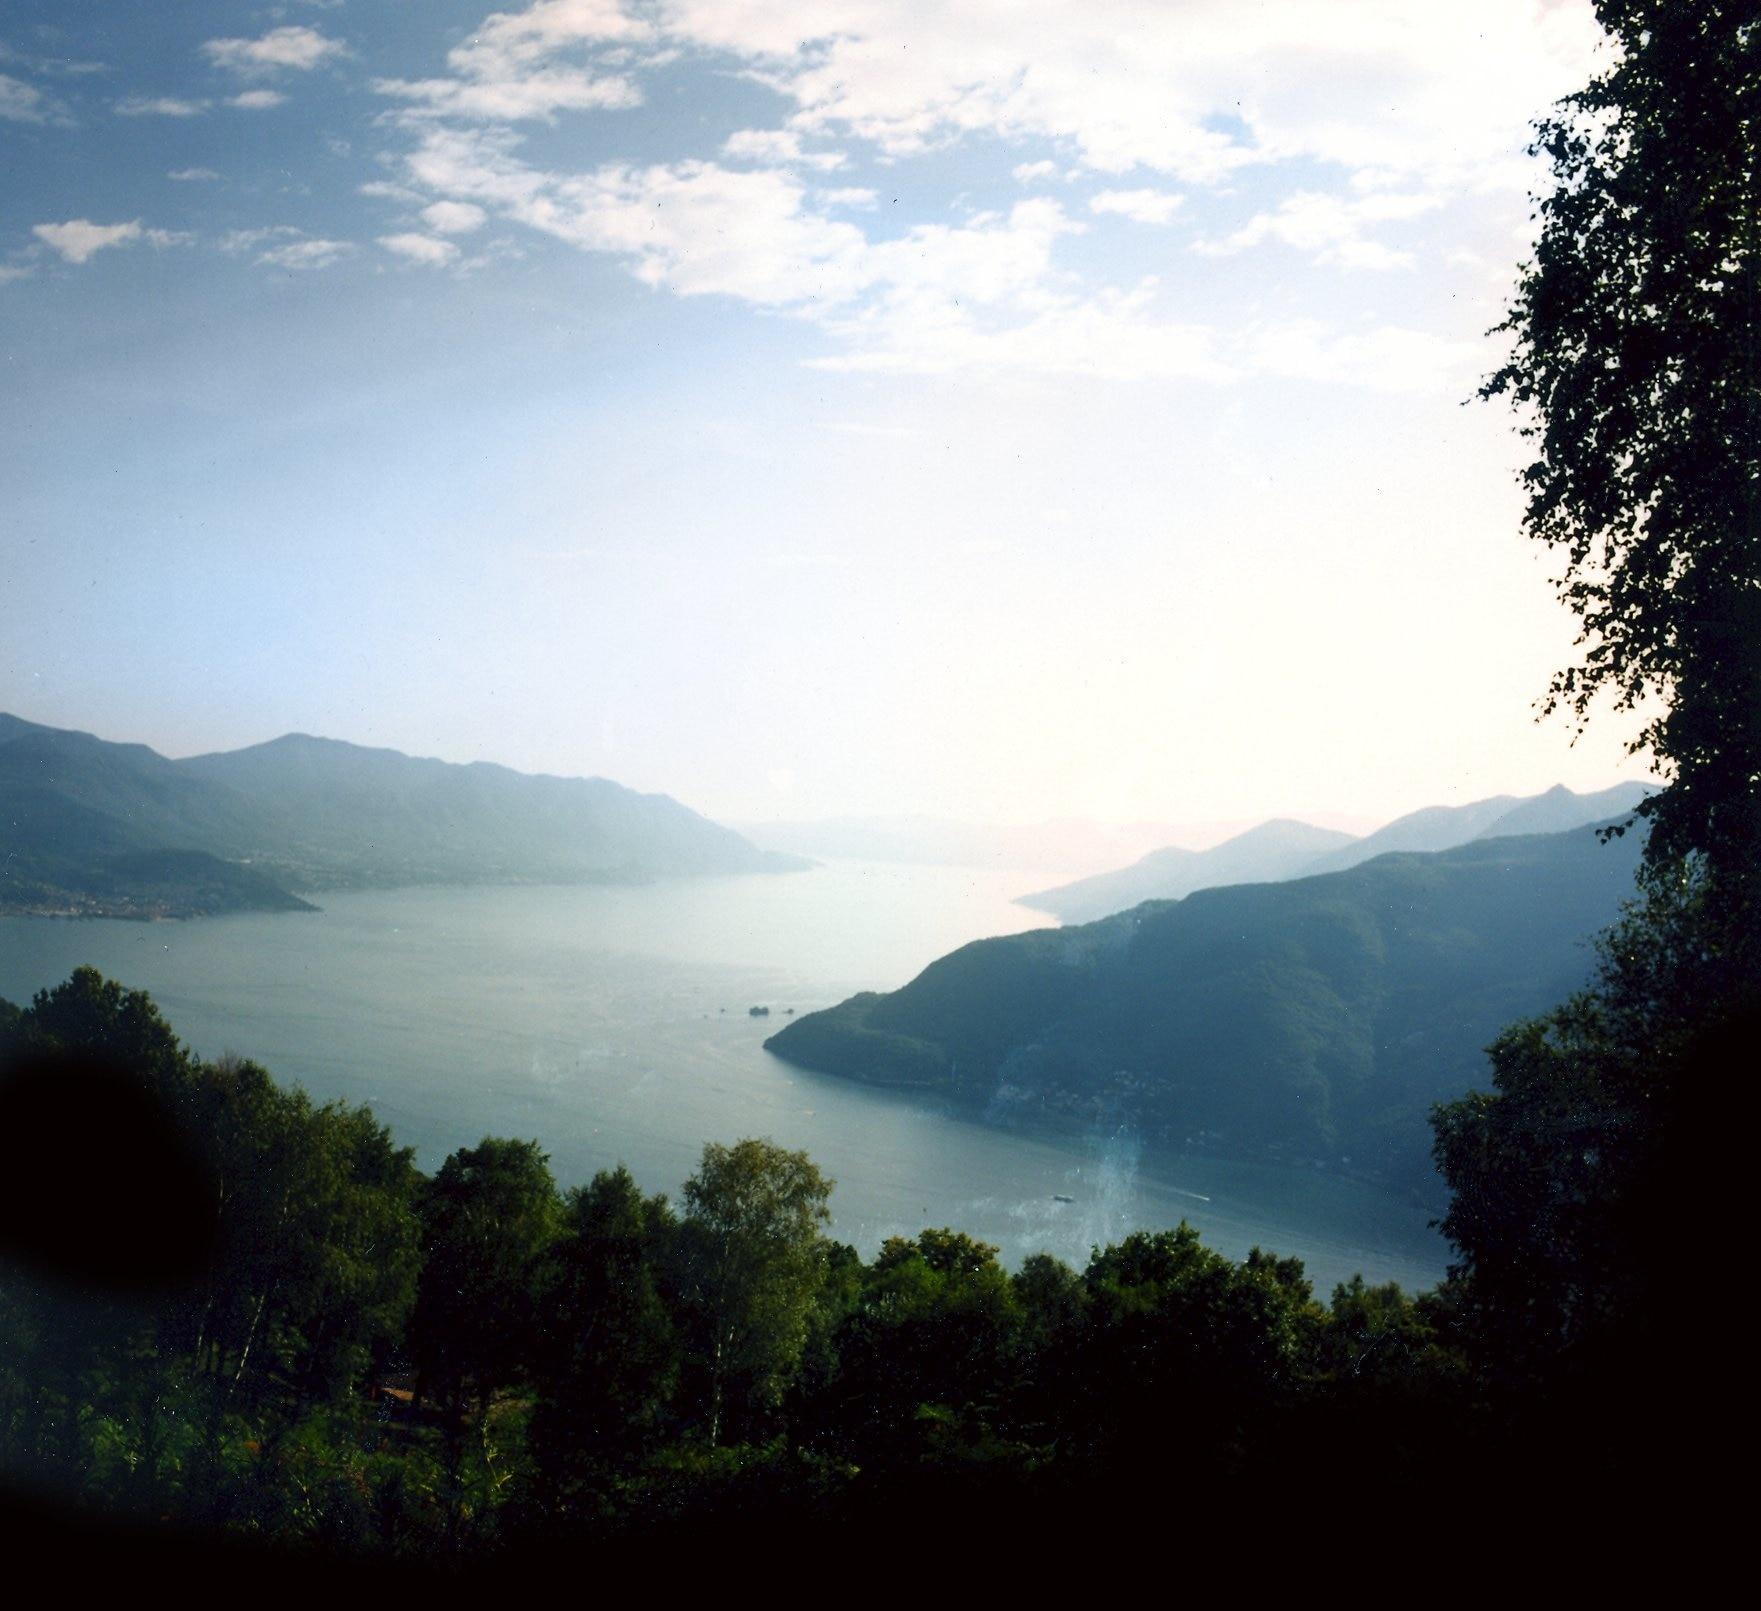 Maccagno, Maccagno con Pino e Veddasca, Lombardiet, Italien